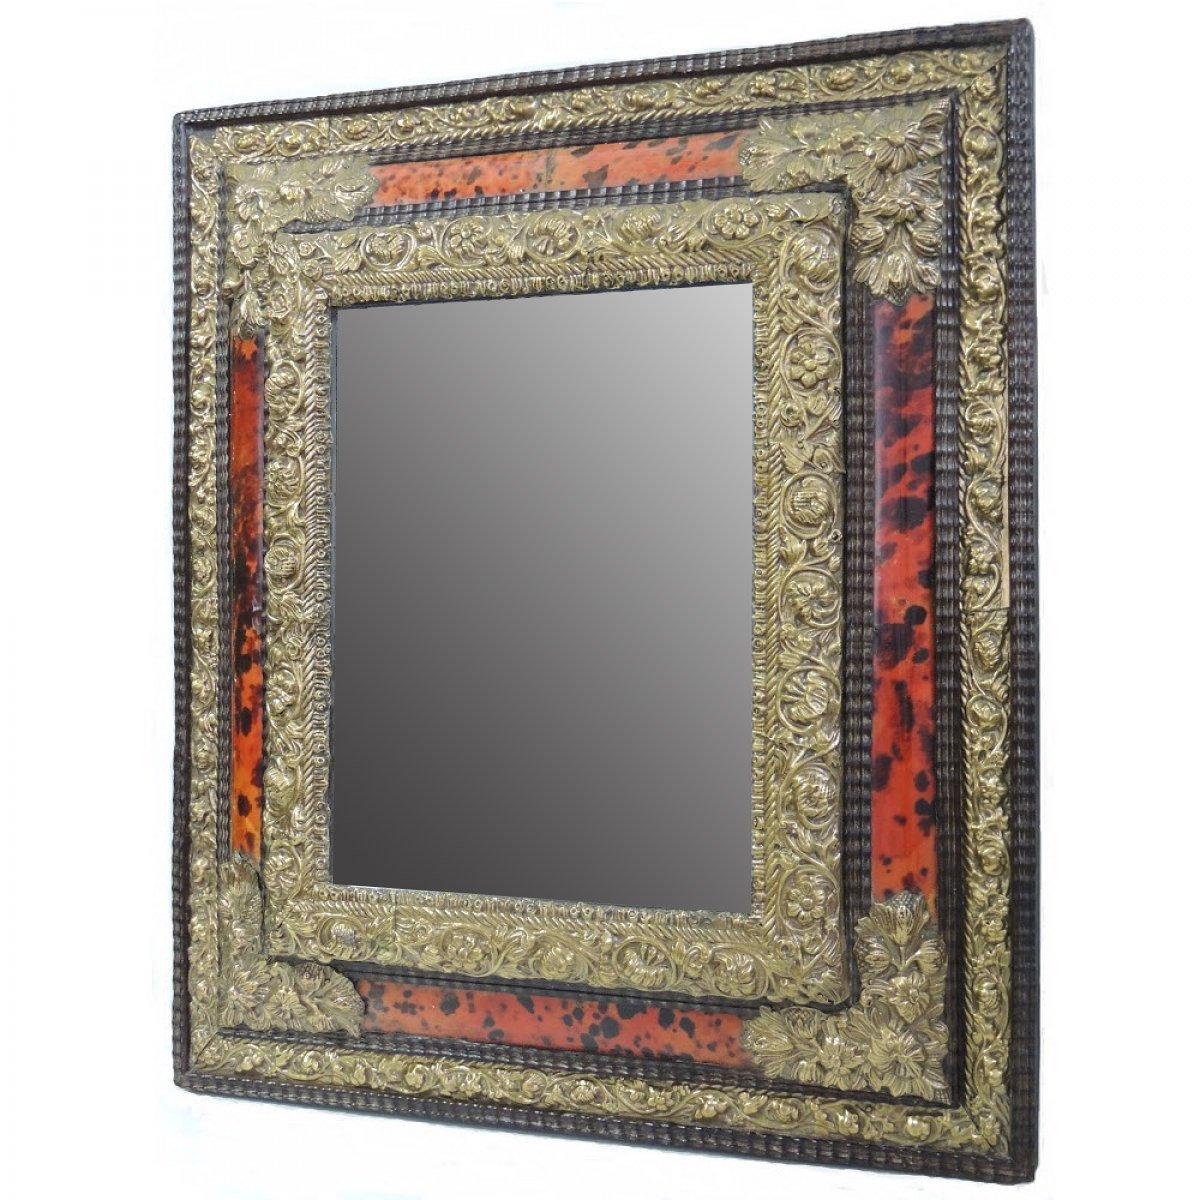 Miroir tortue Décoration intérieure Maison